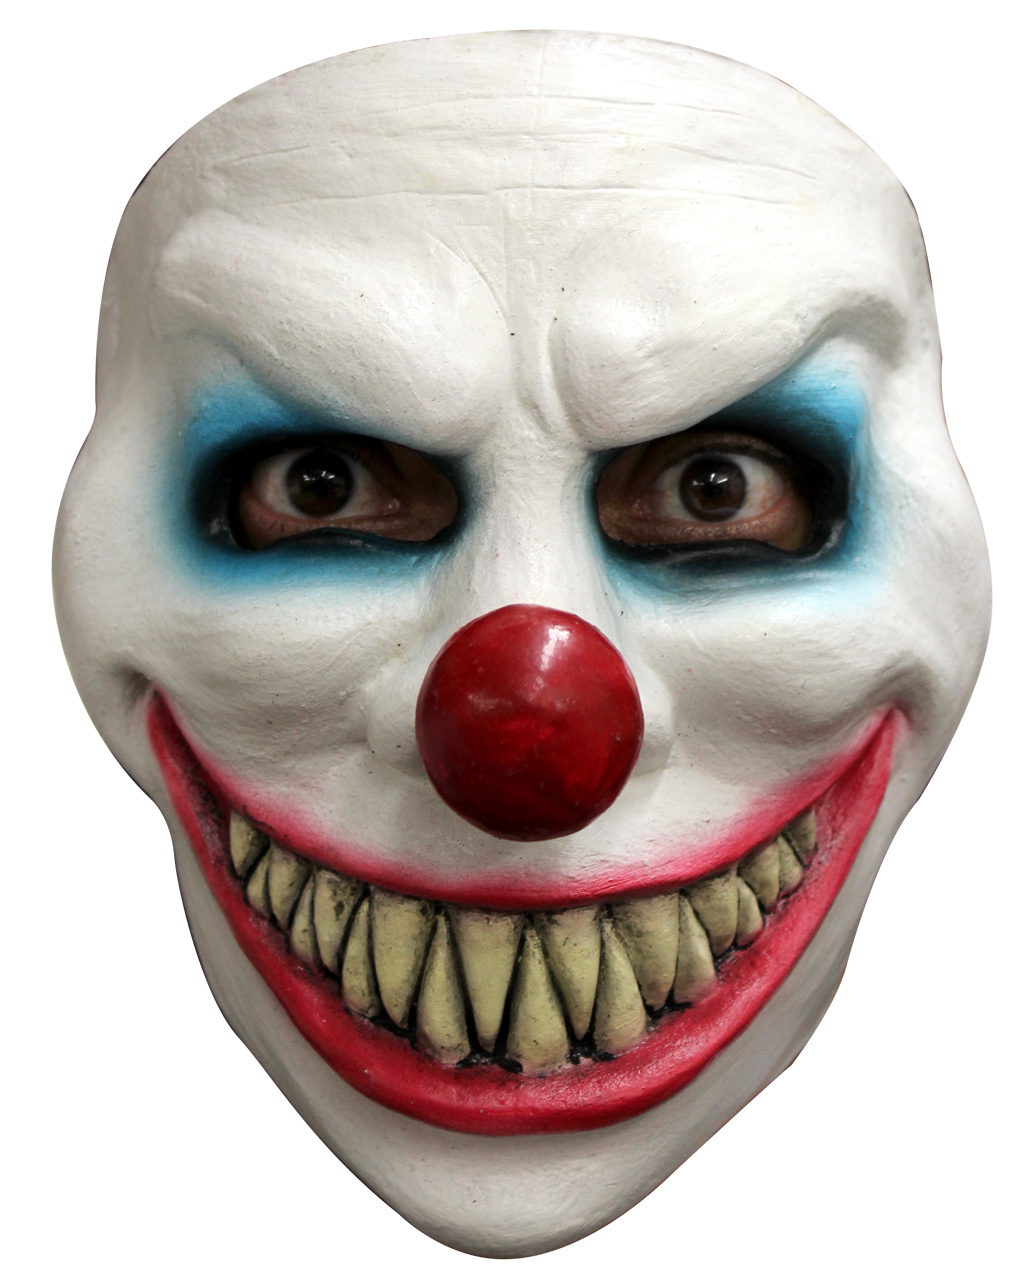 neuer Stil Super Qualität Original Kauf Evil Laugh Clown Maske